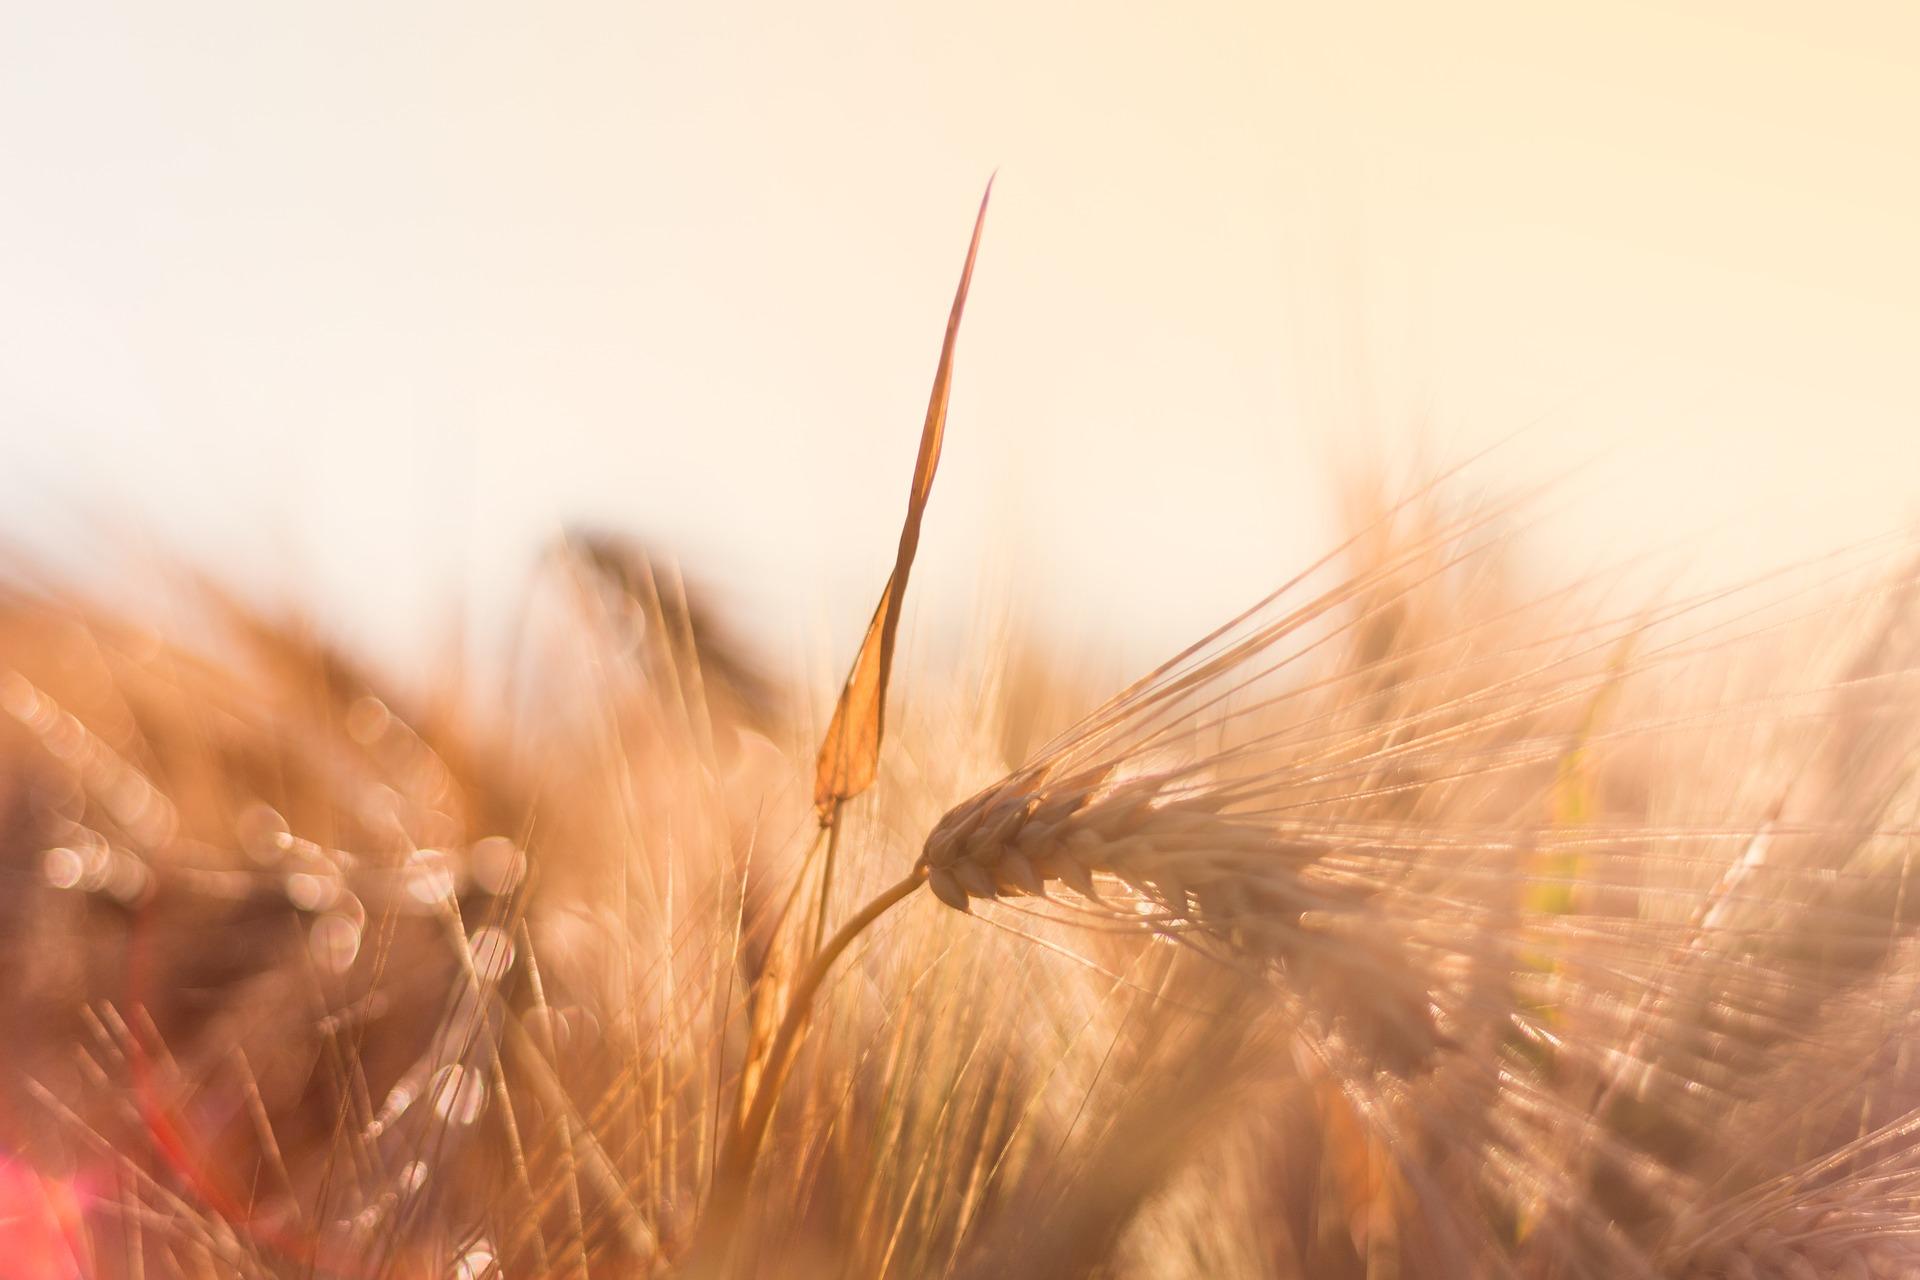 barley-2452796_1920.jpg